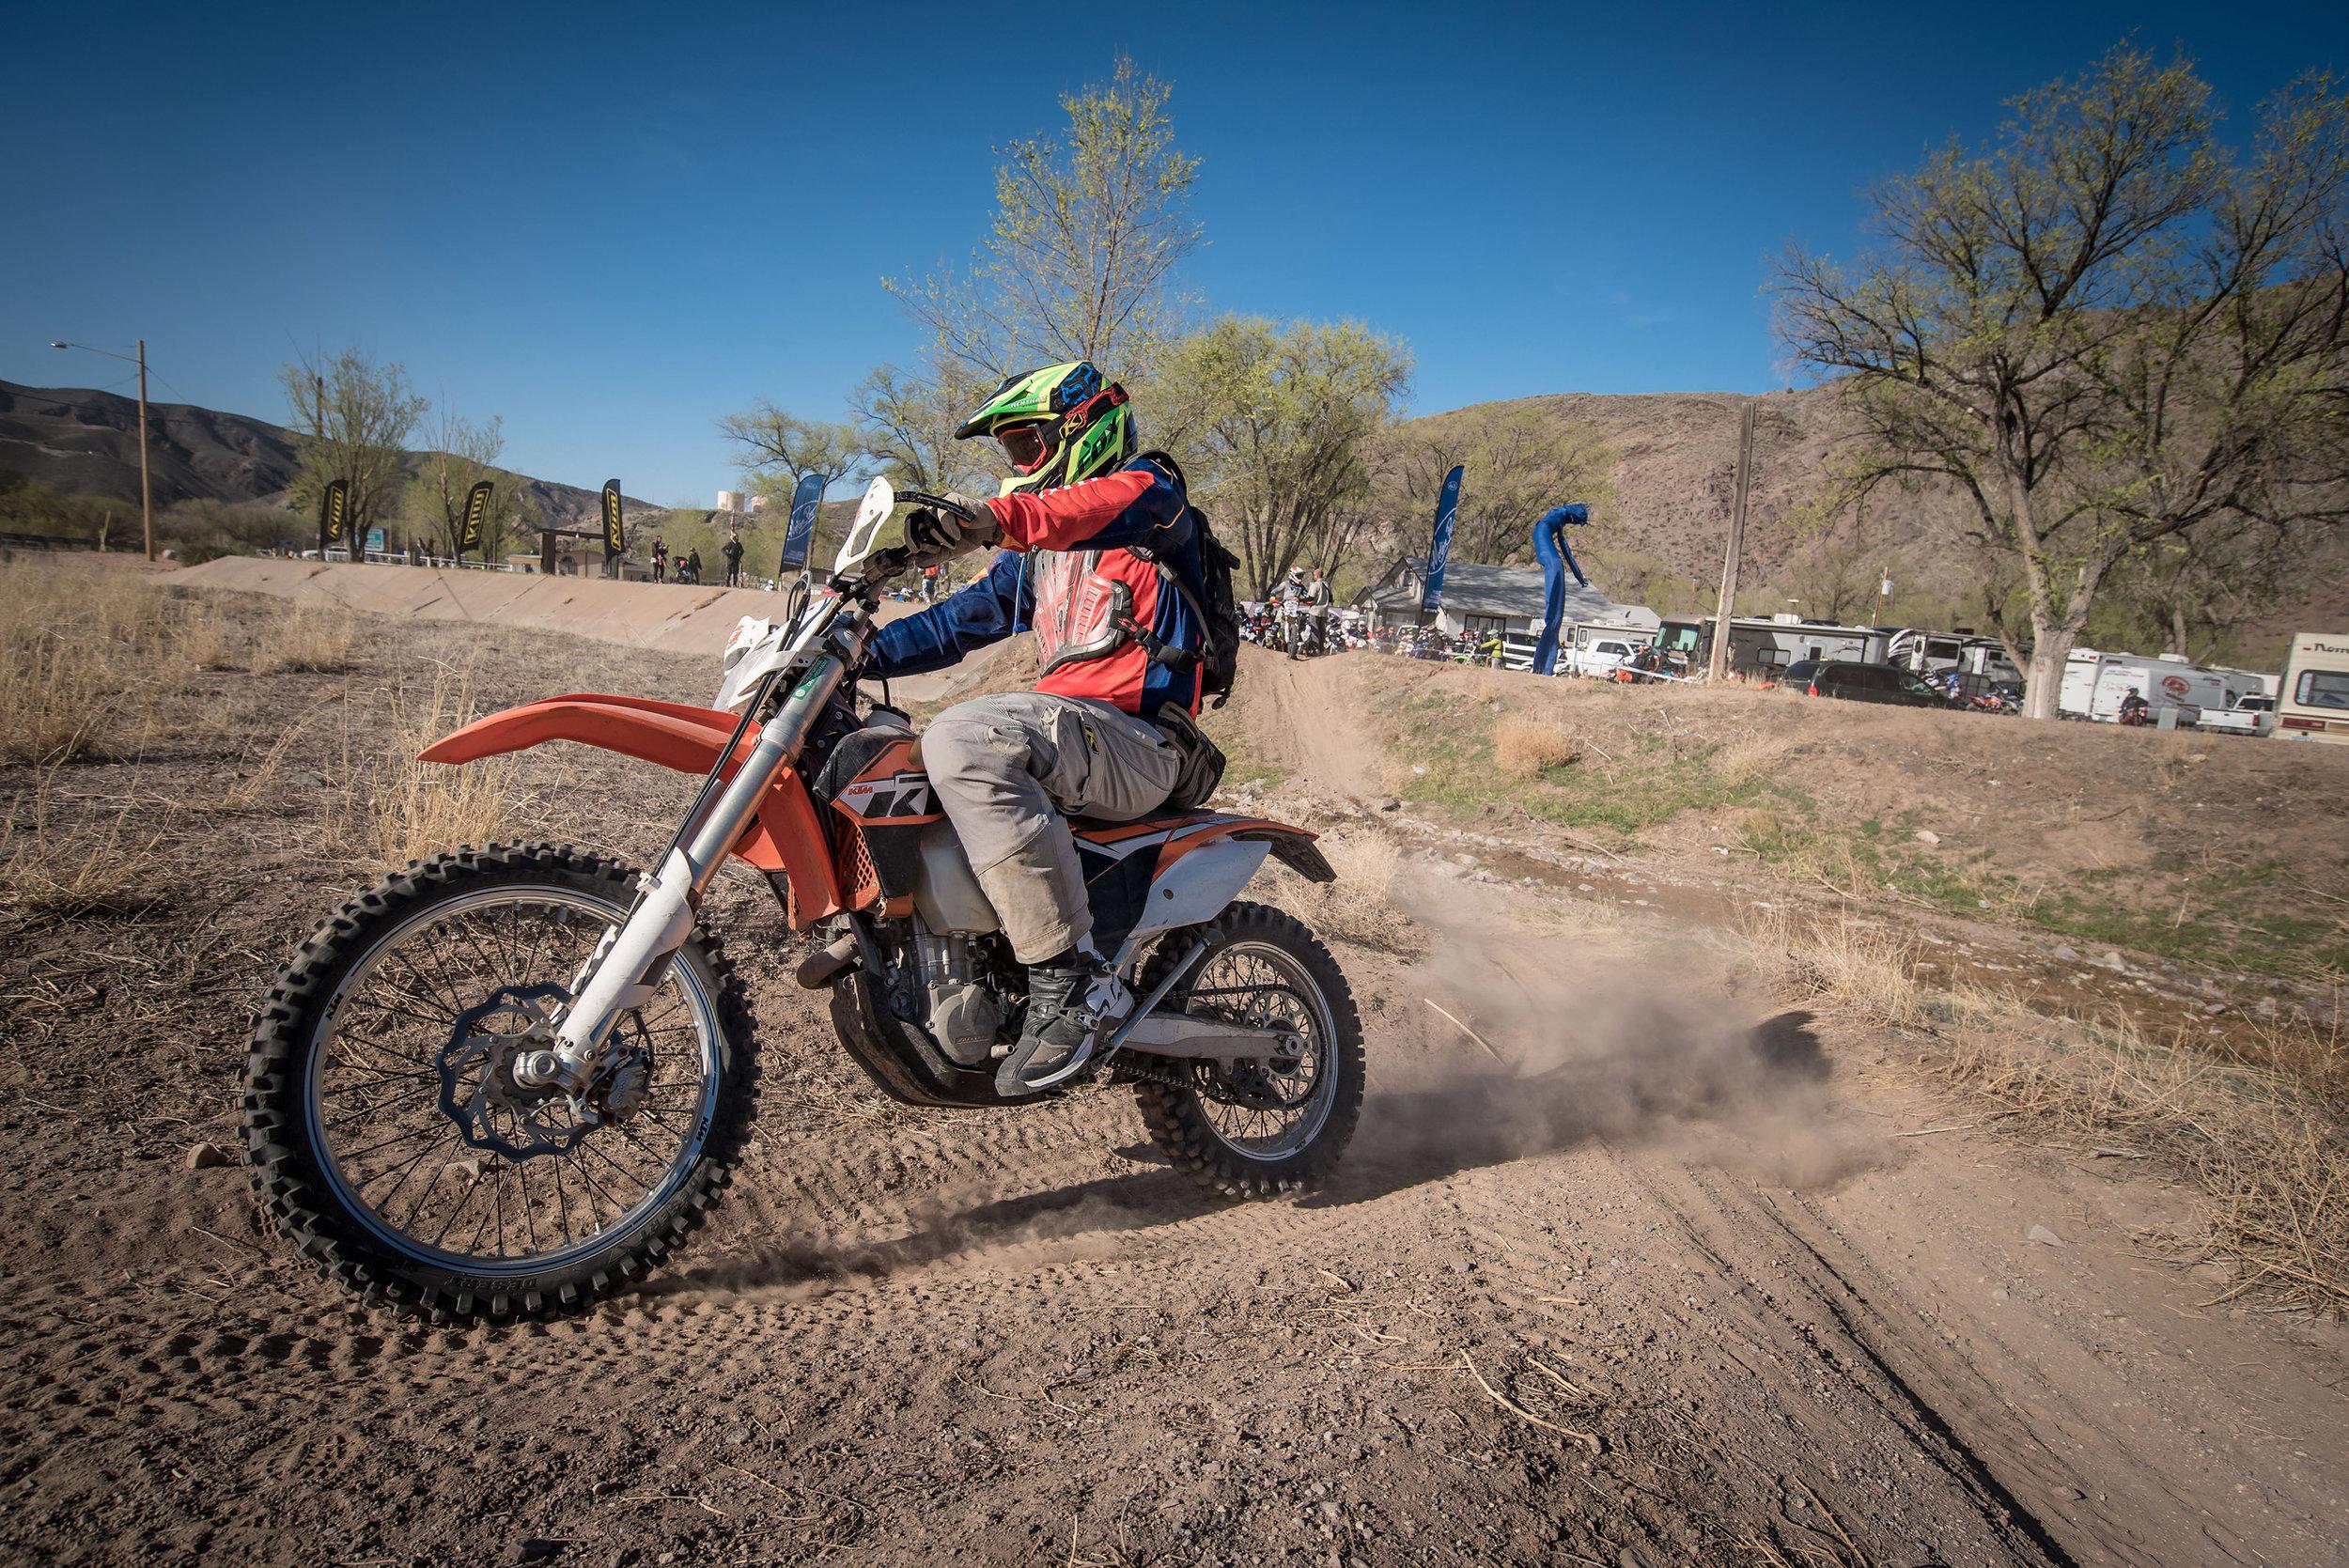 Nevada200-2018-Cudby0015.JPG